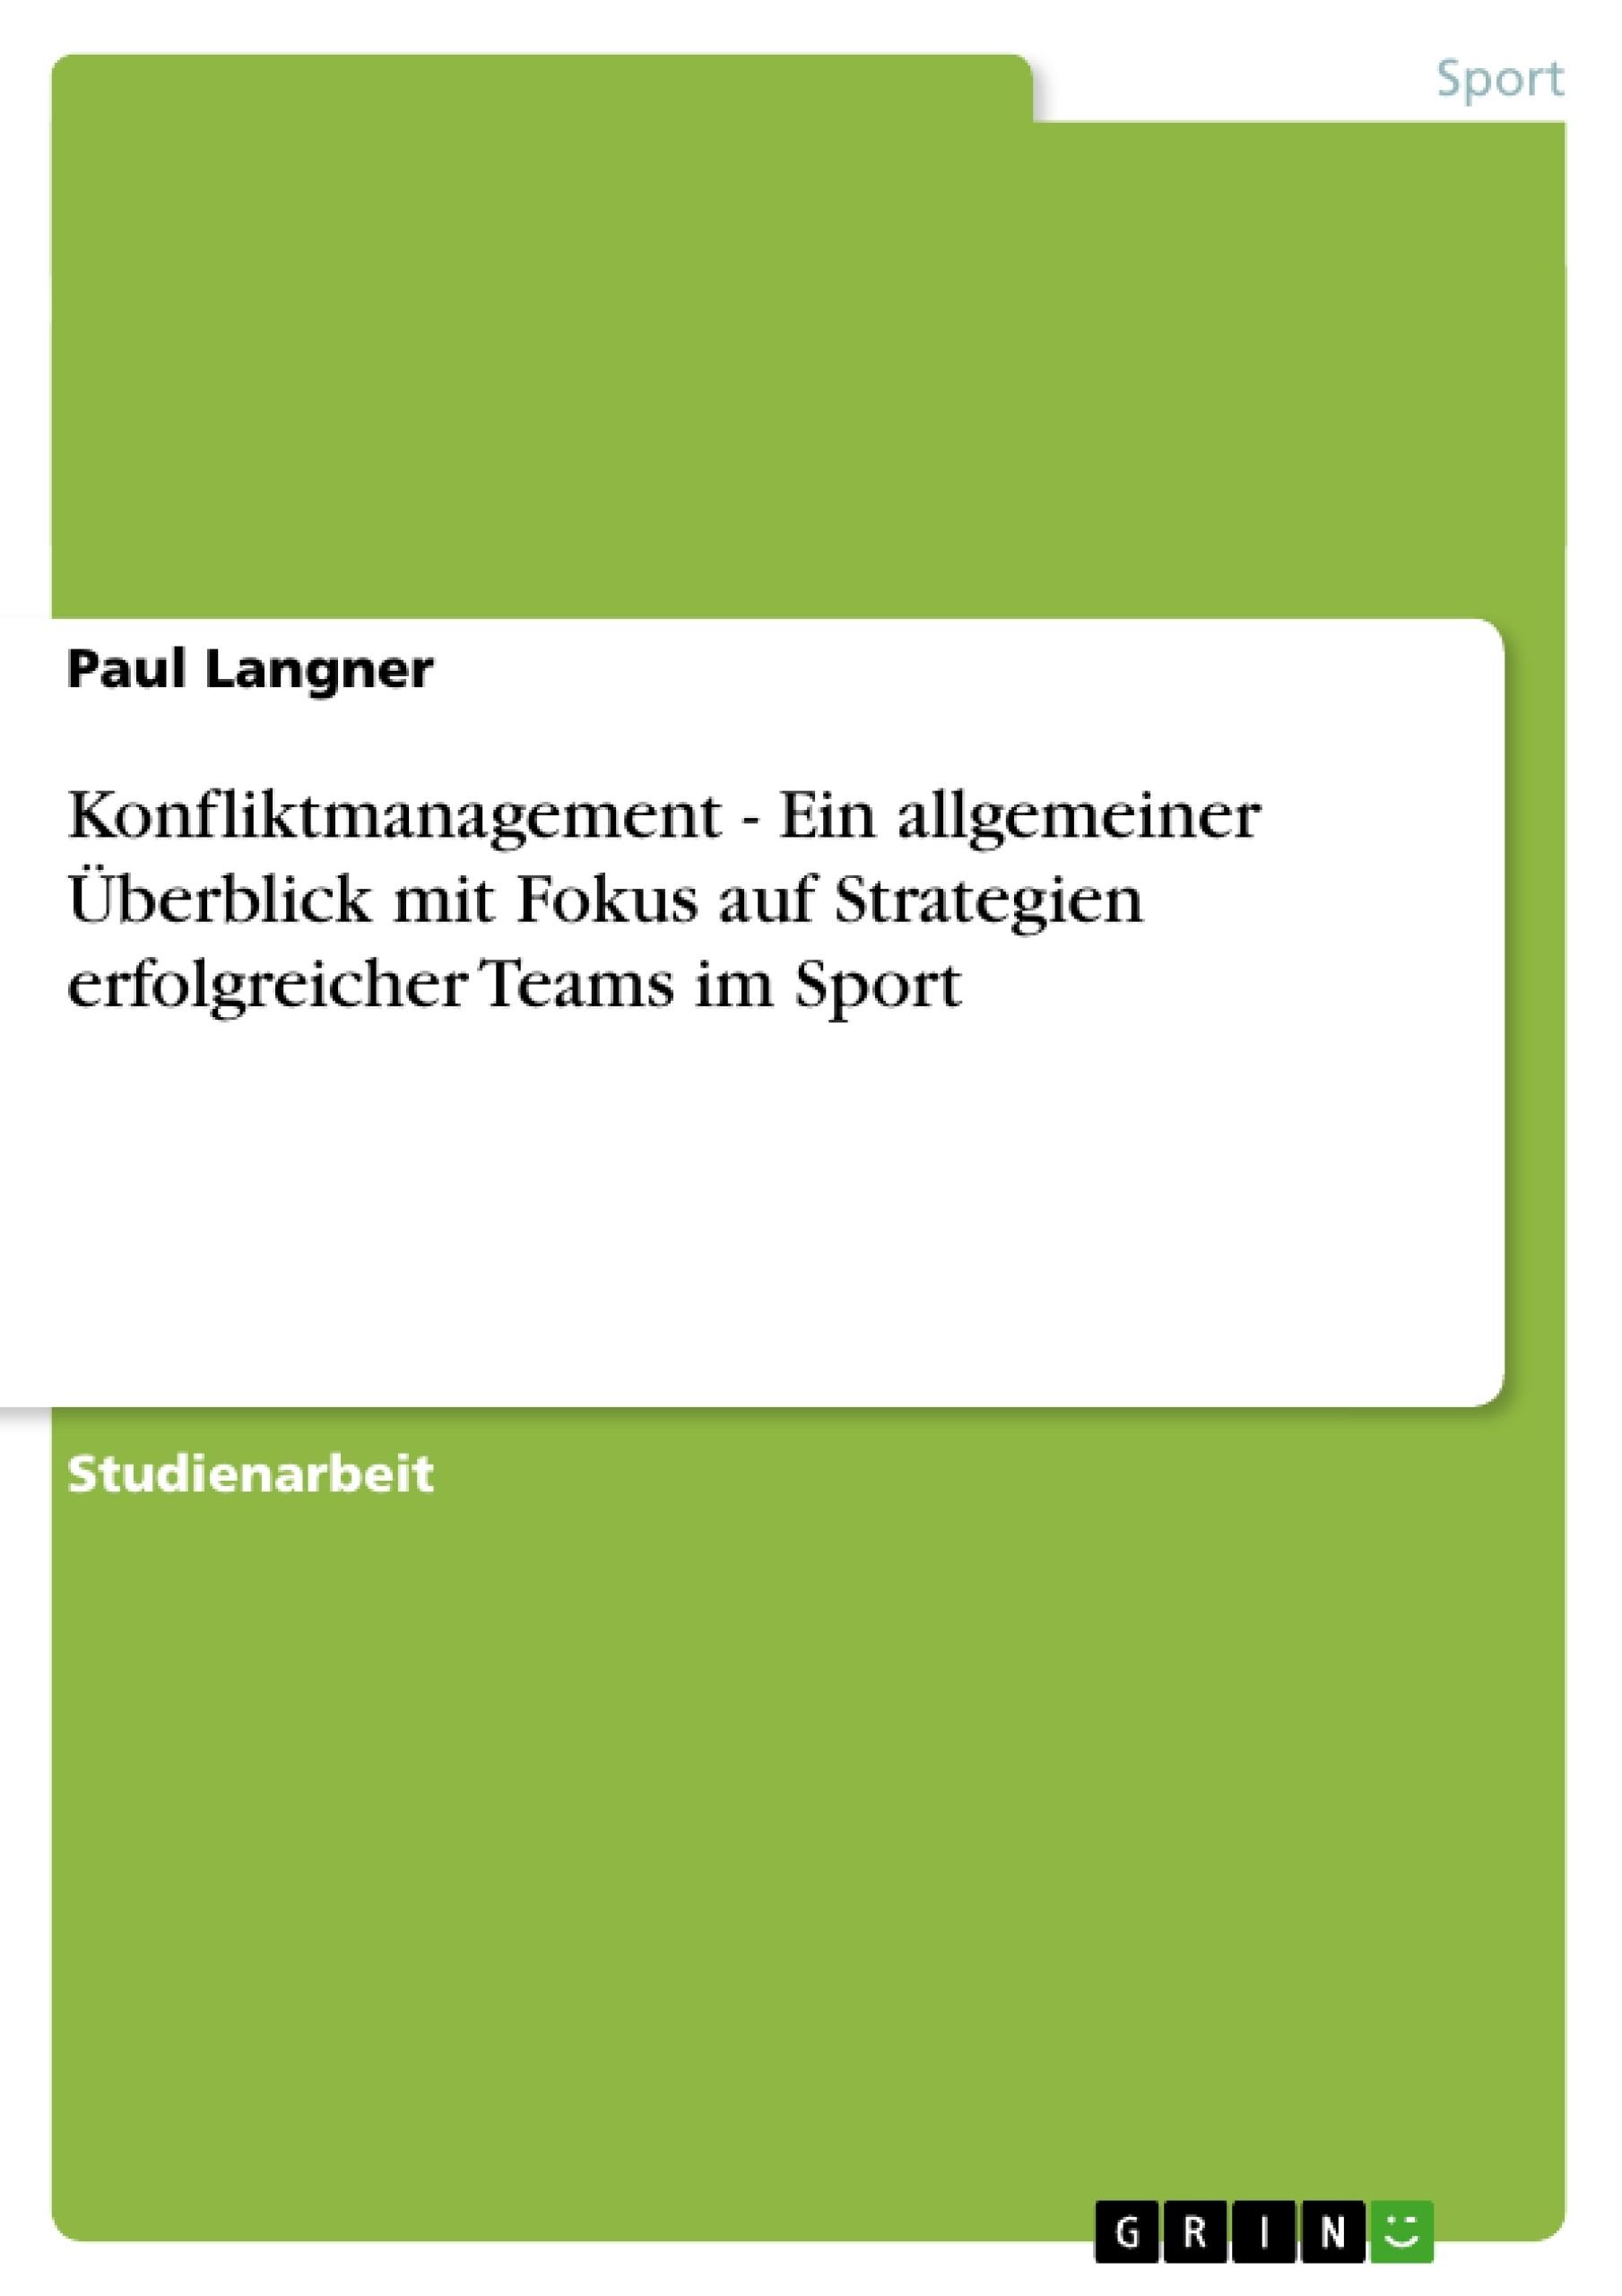 Titel: Konfliktmanagement - Ein allgemeiner Überblick mit Fokus auf Strategien erfolgreicher Teams im Sport